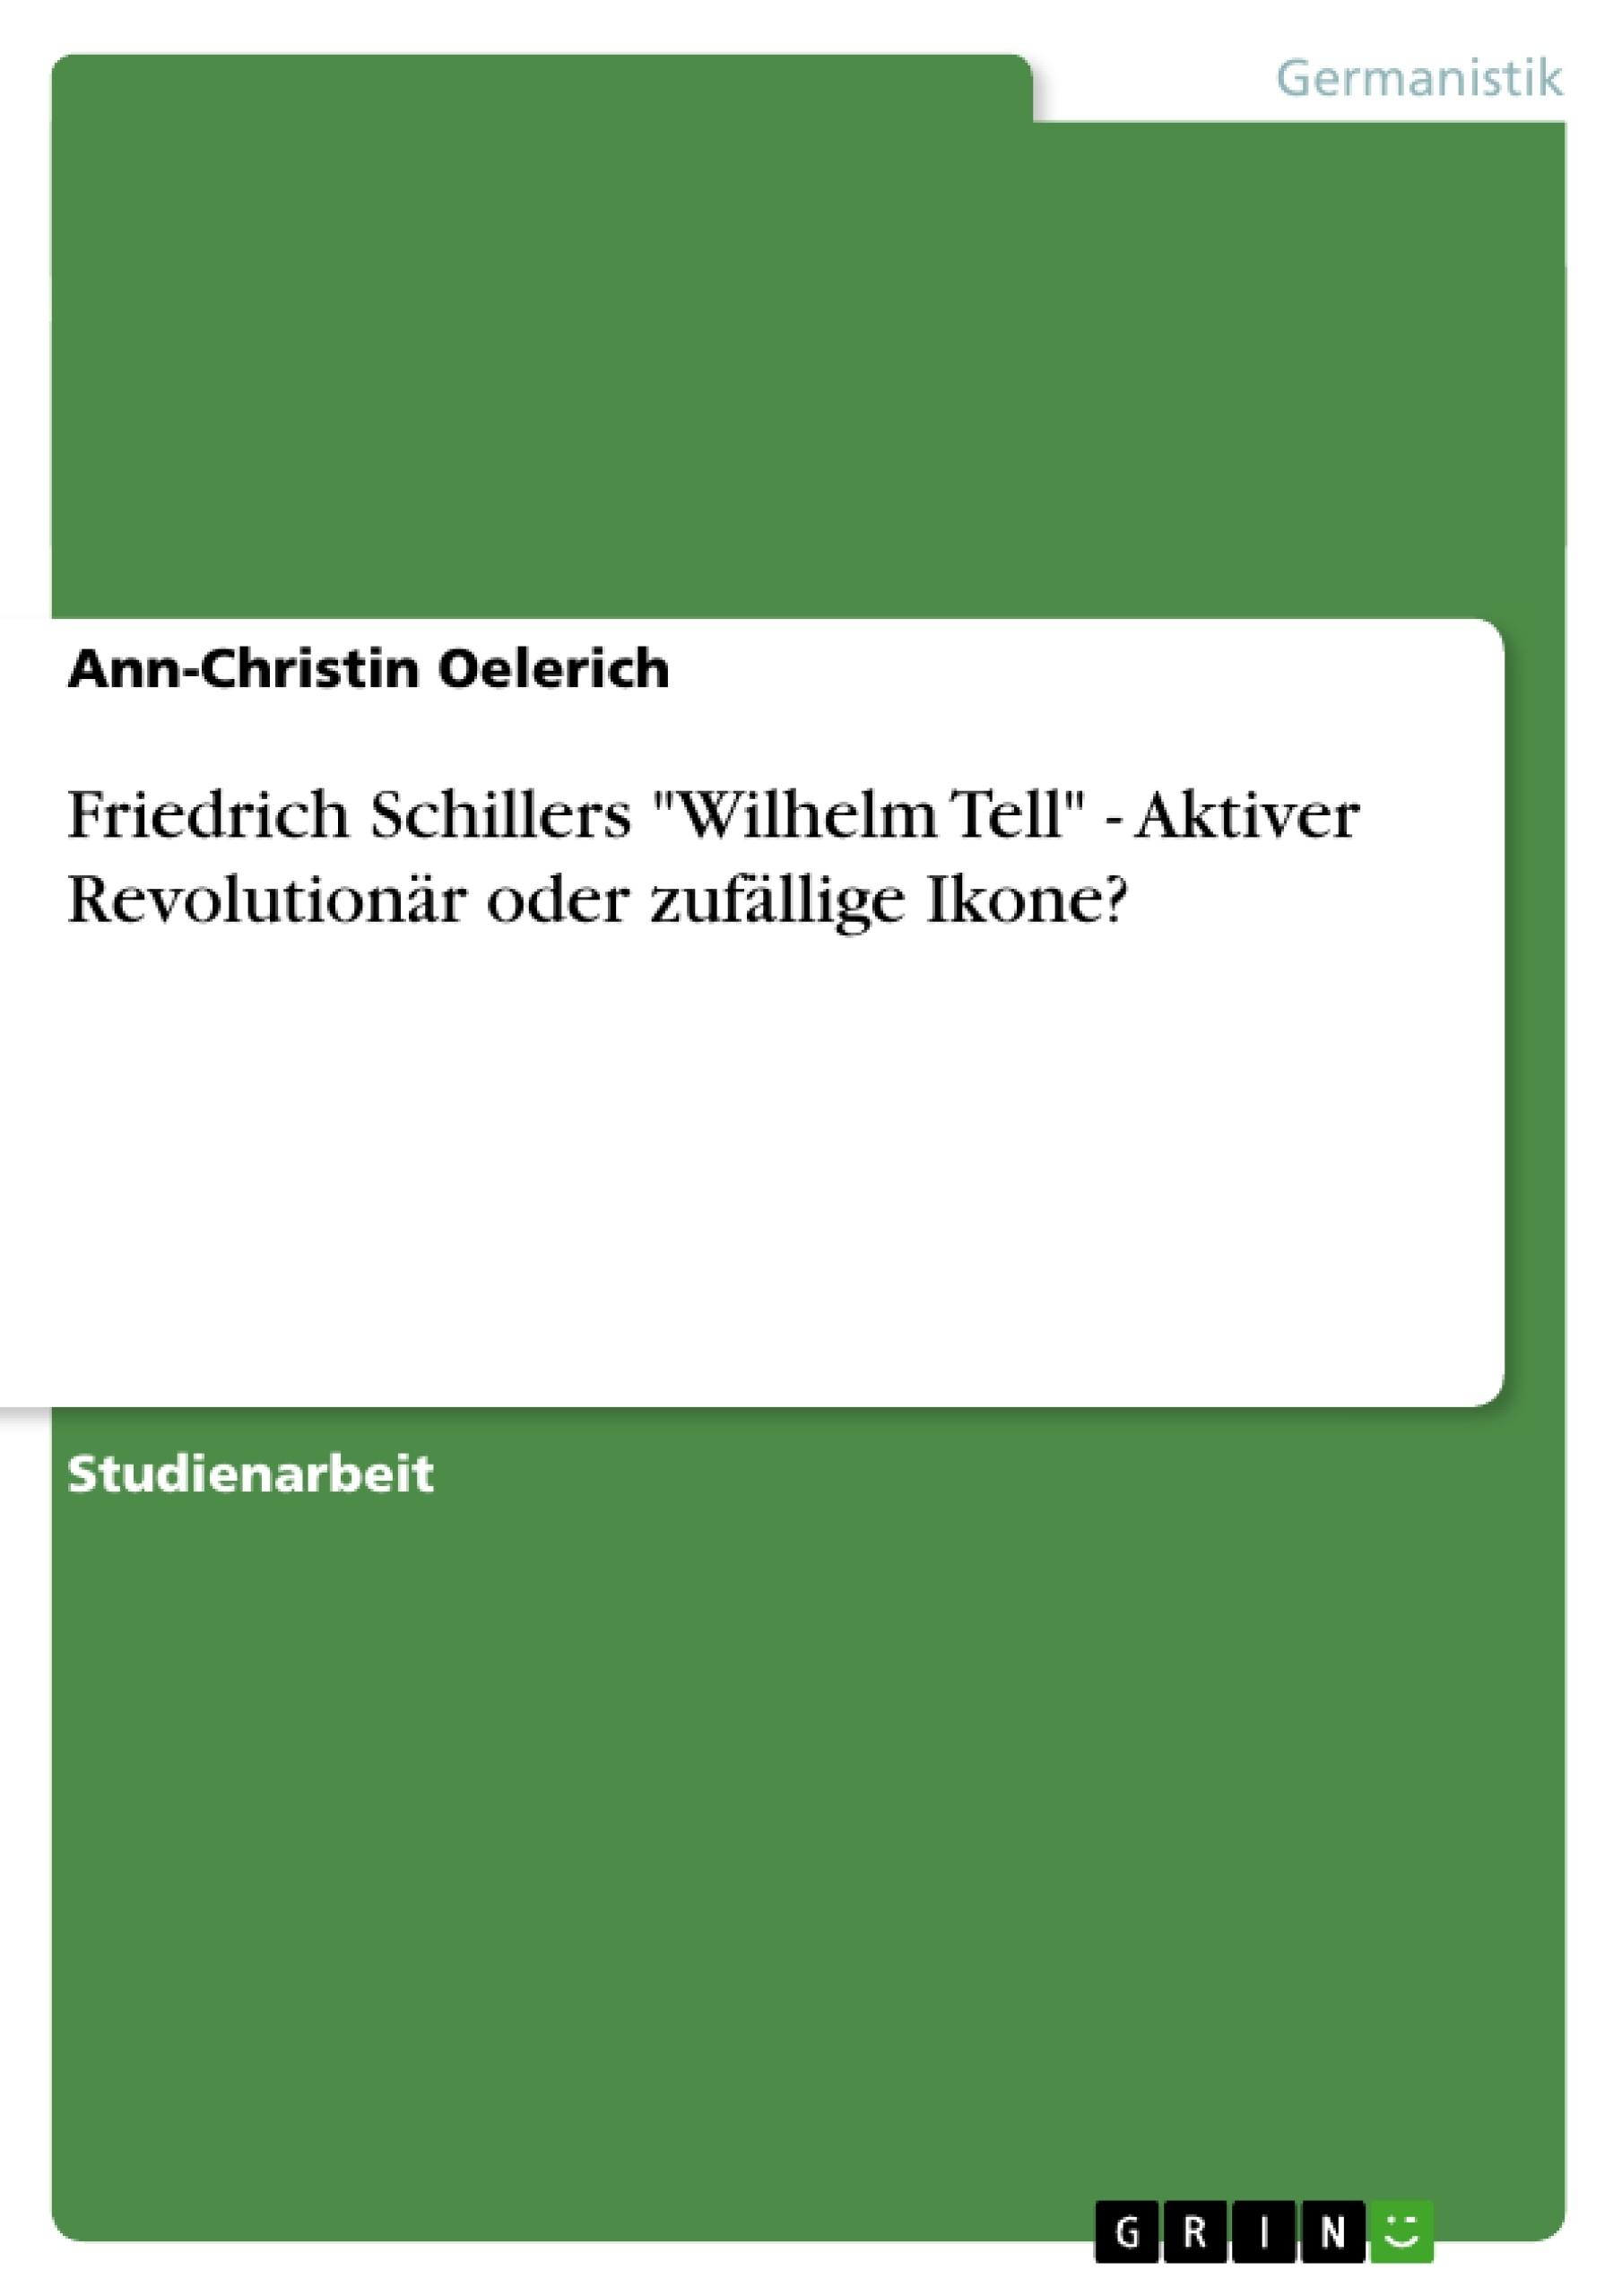 """Titel: Friedrich Schillers """"Wilhelm Tell"""" - Aktiver Revolutionär oder zufällige Ikone?"""